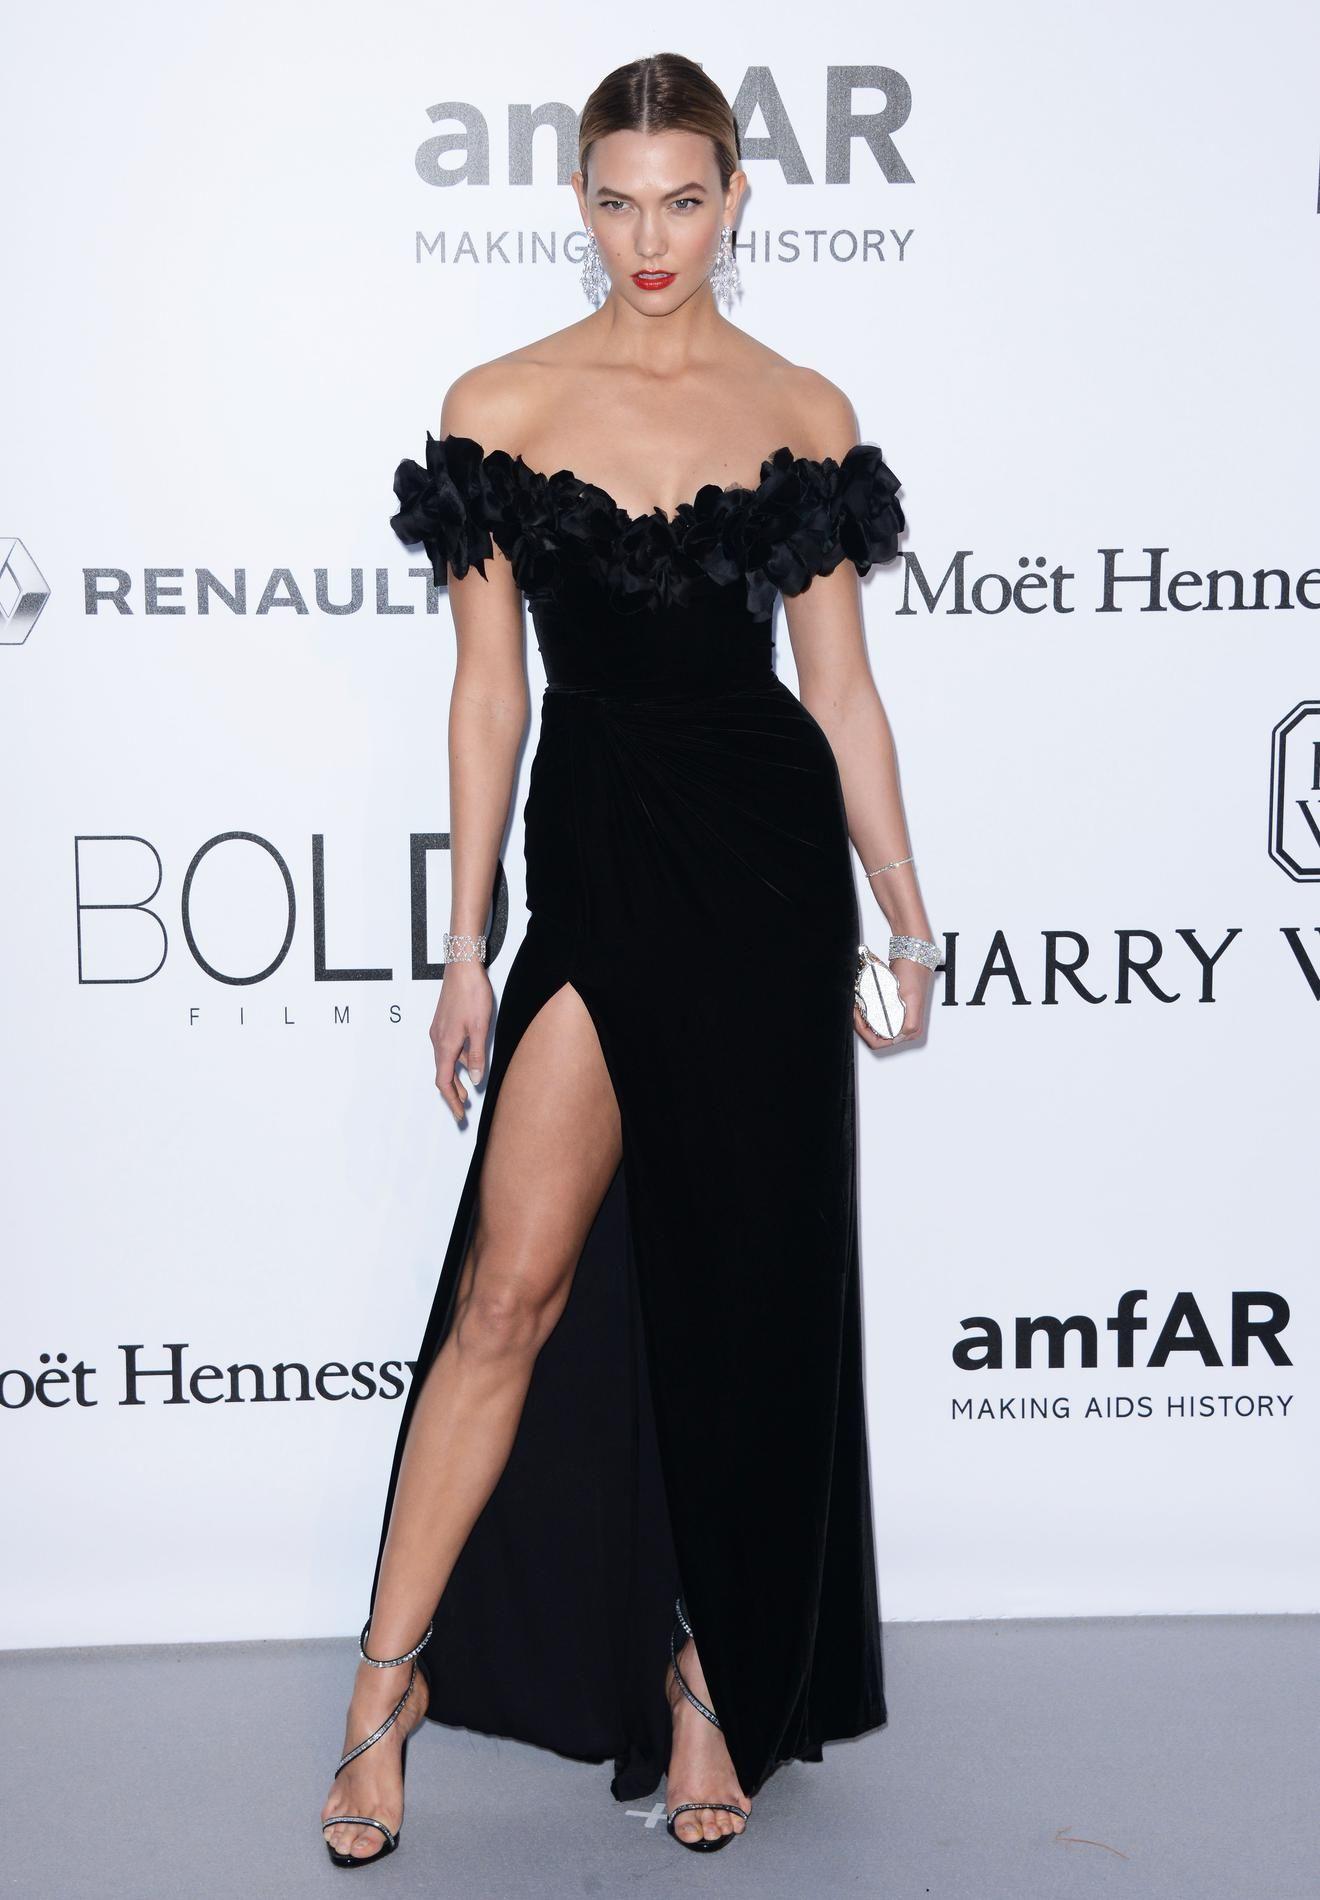 Marion Cotillard, Céline Dion, Julia Roberts... Les plus belles robes  noires des stars en 2016   Le Figaro Madame 69f0e415a624